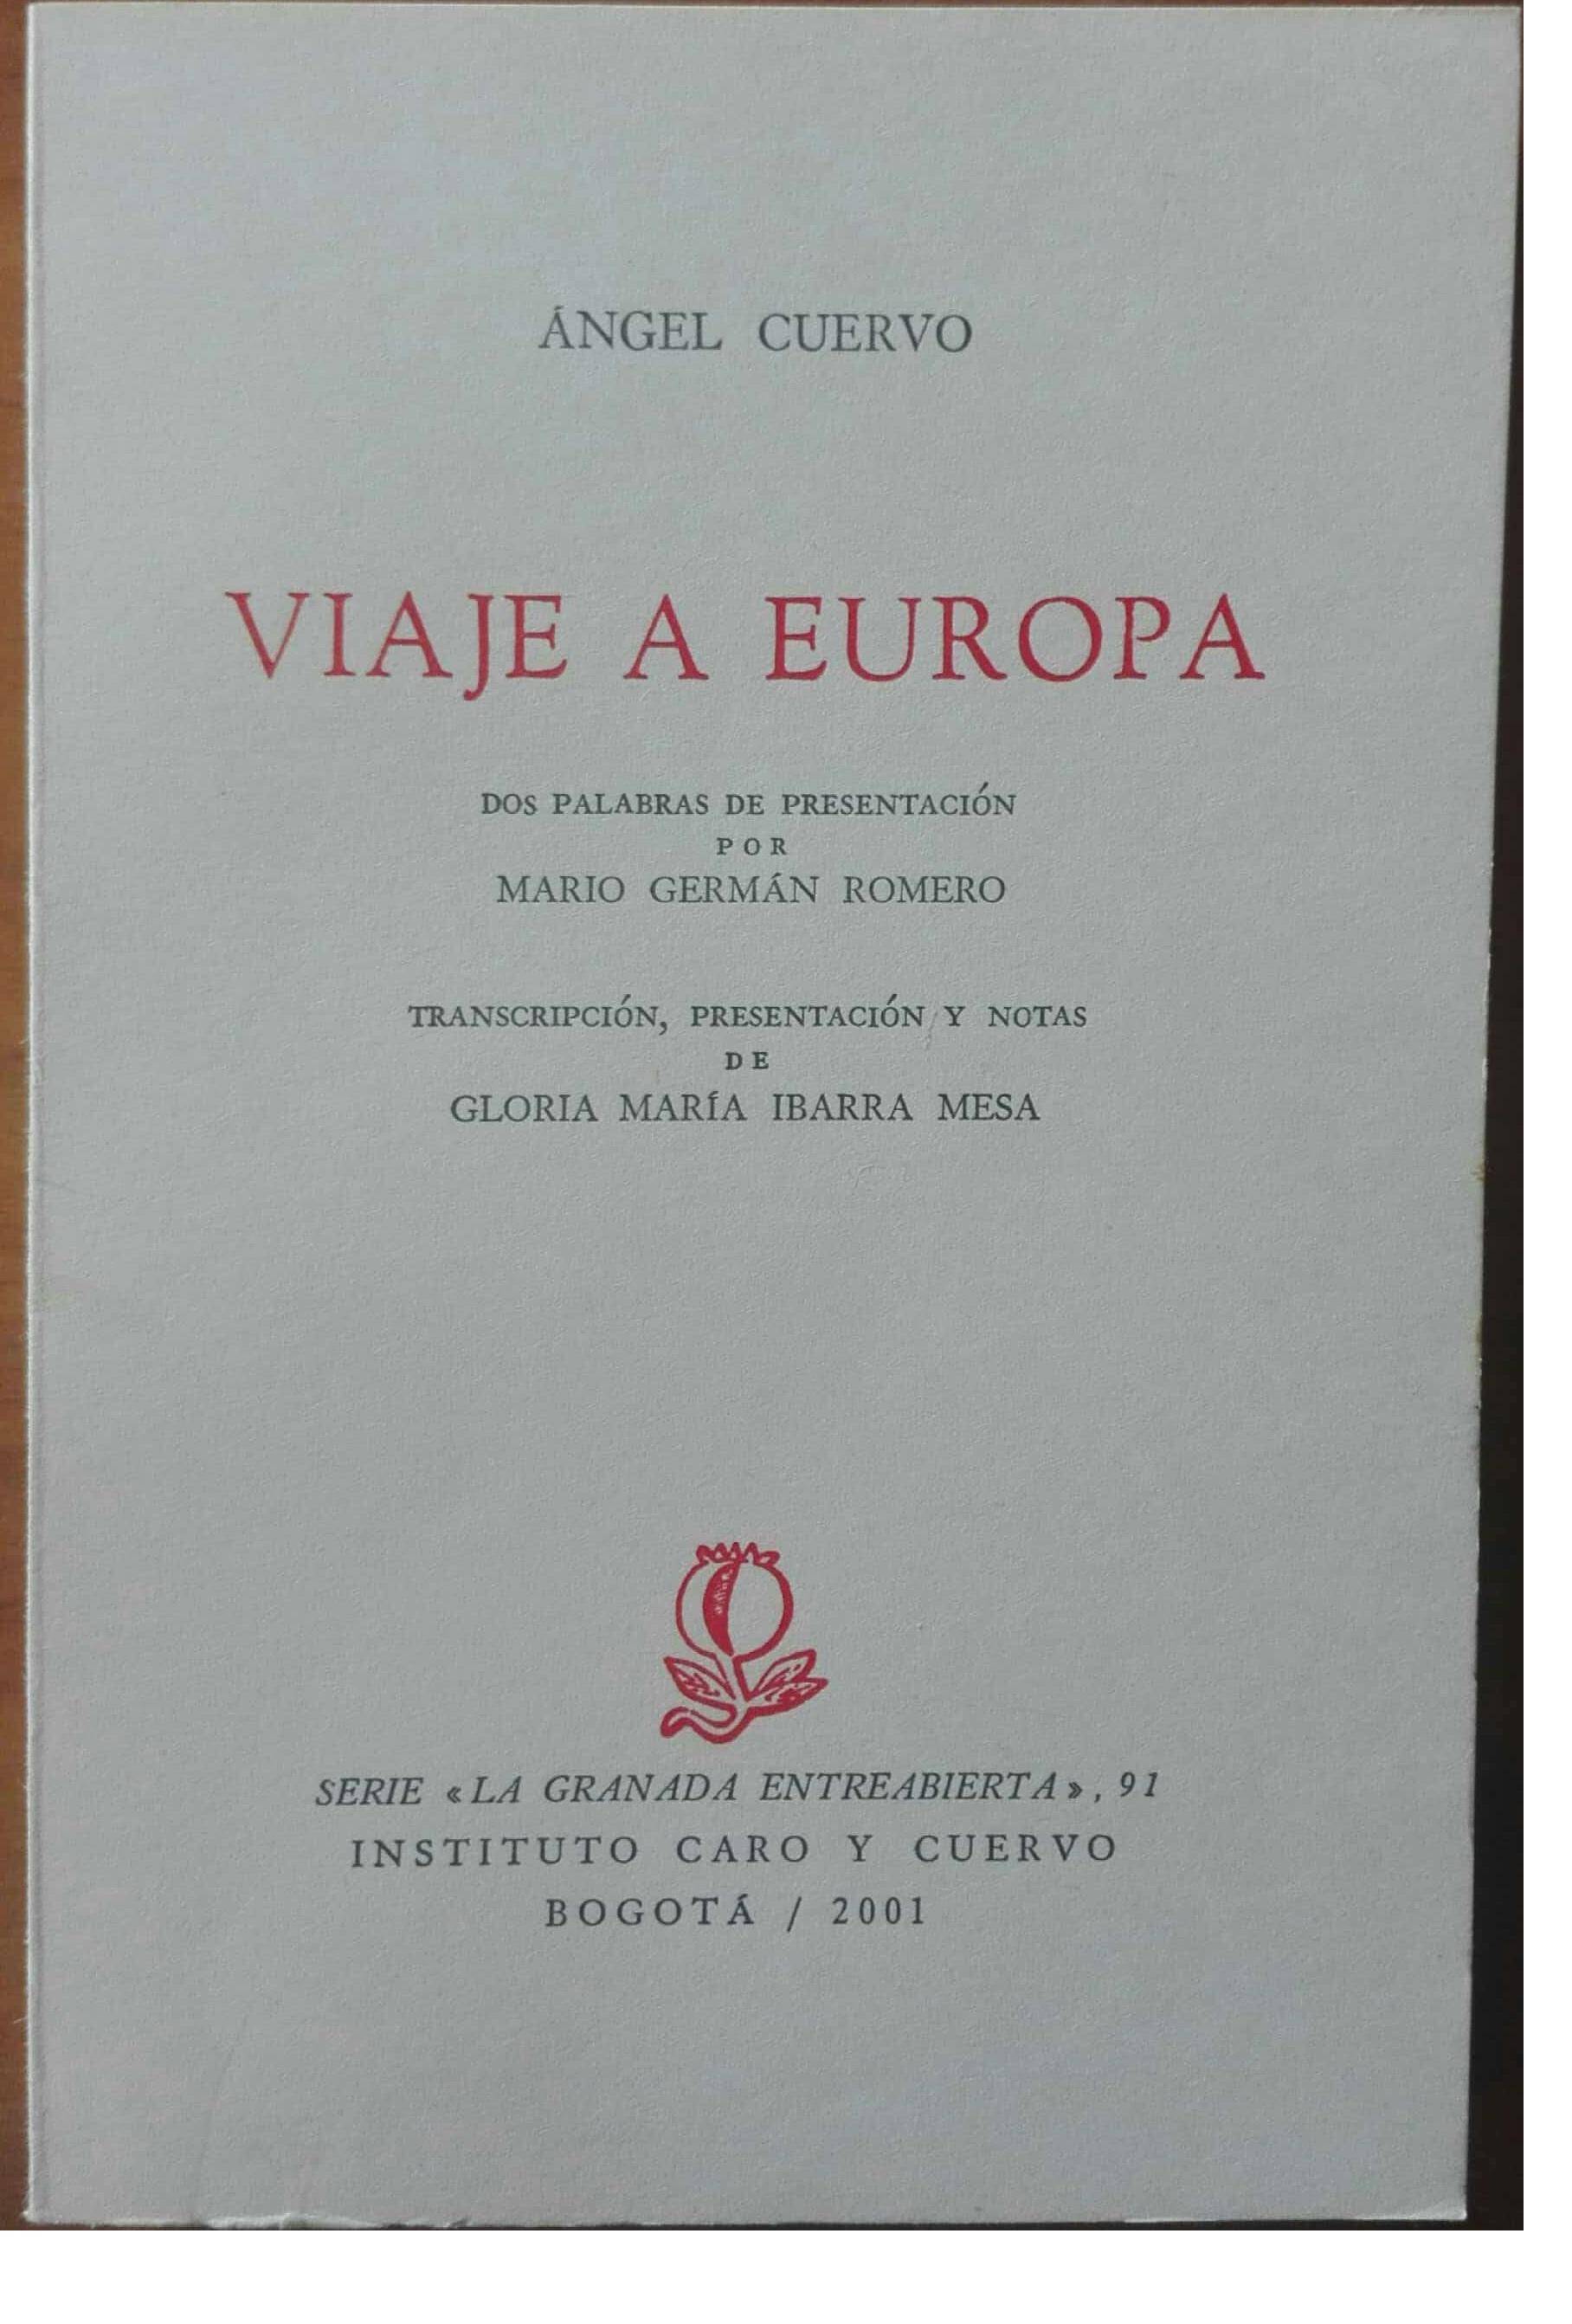 Viaje a Europa. Dos palabras de presentación por Mario Germán Romero